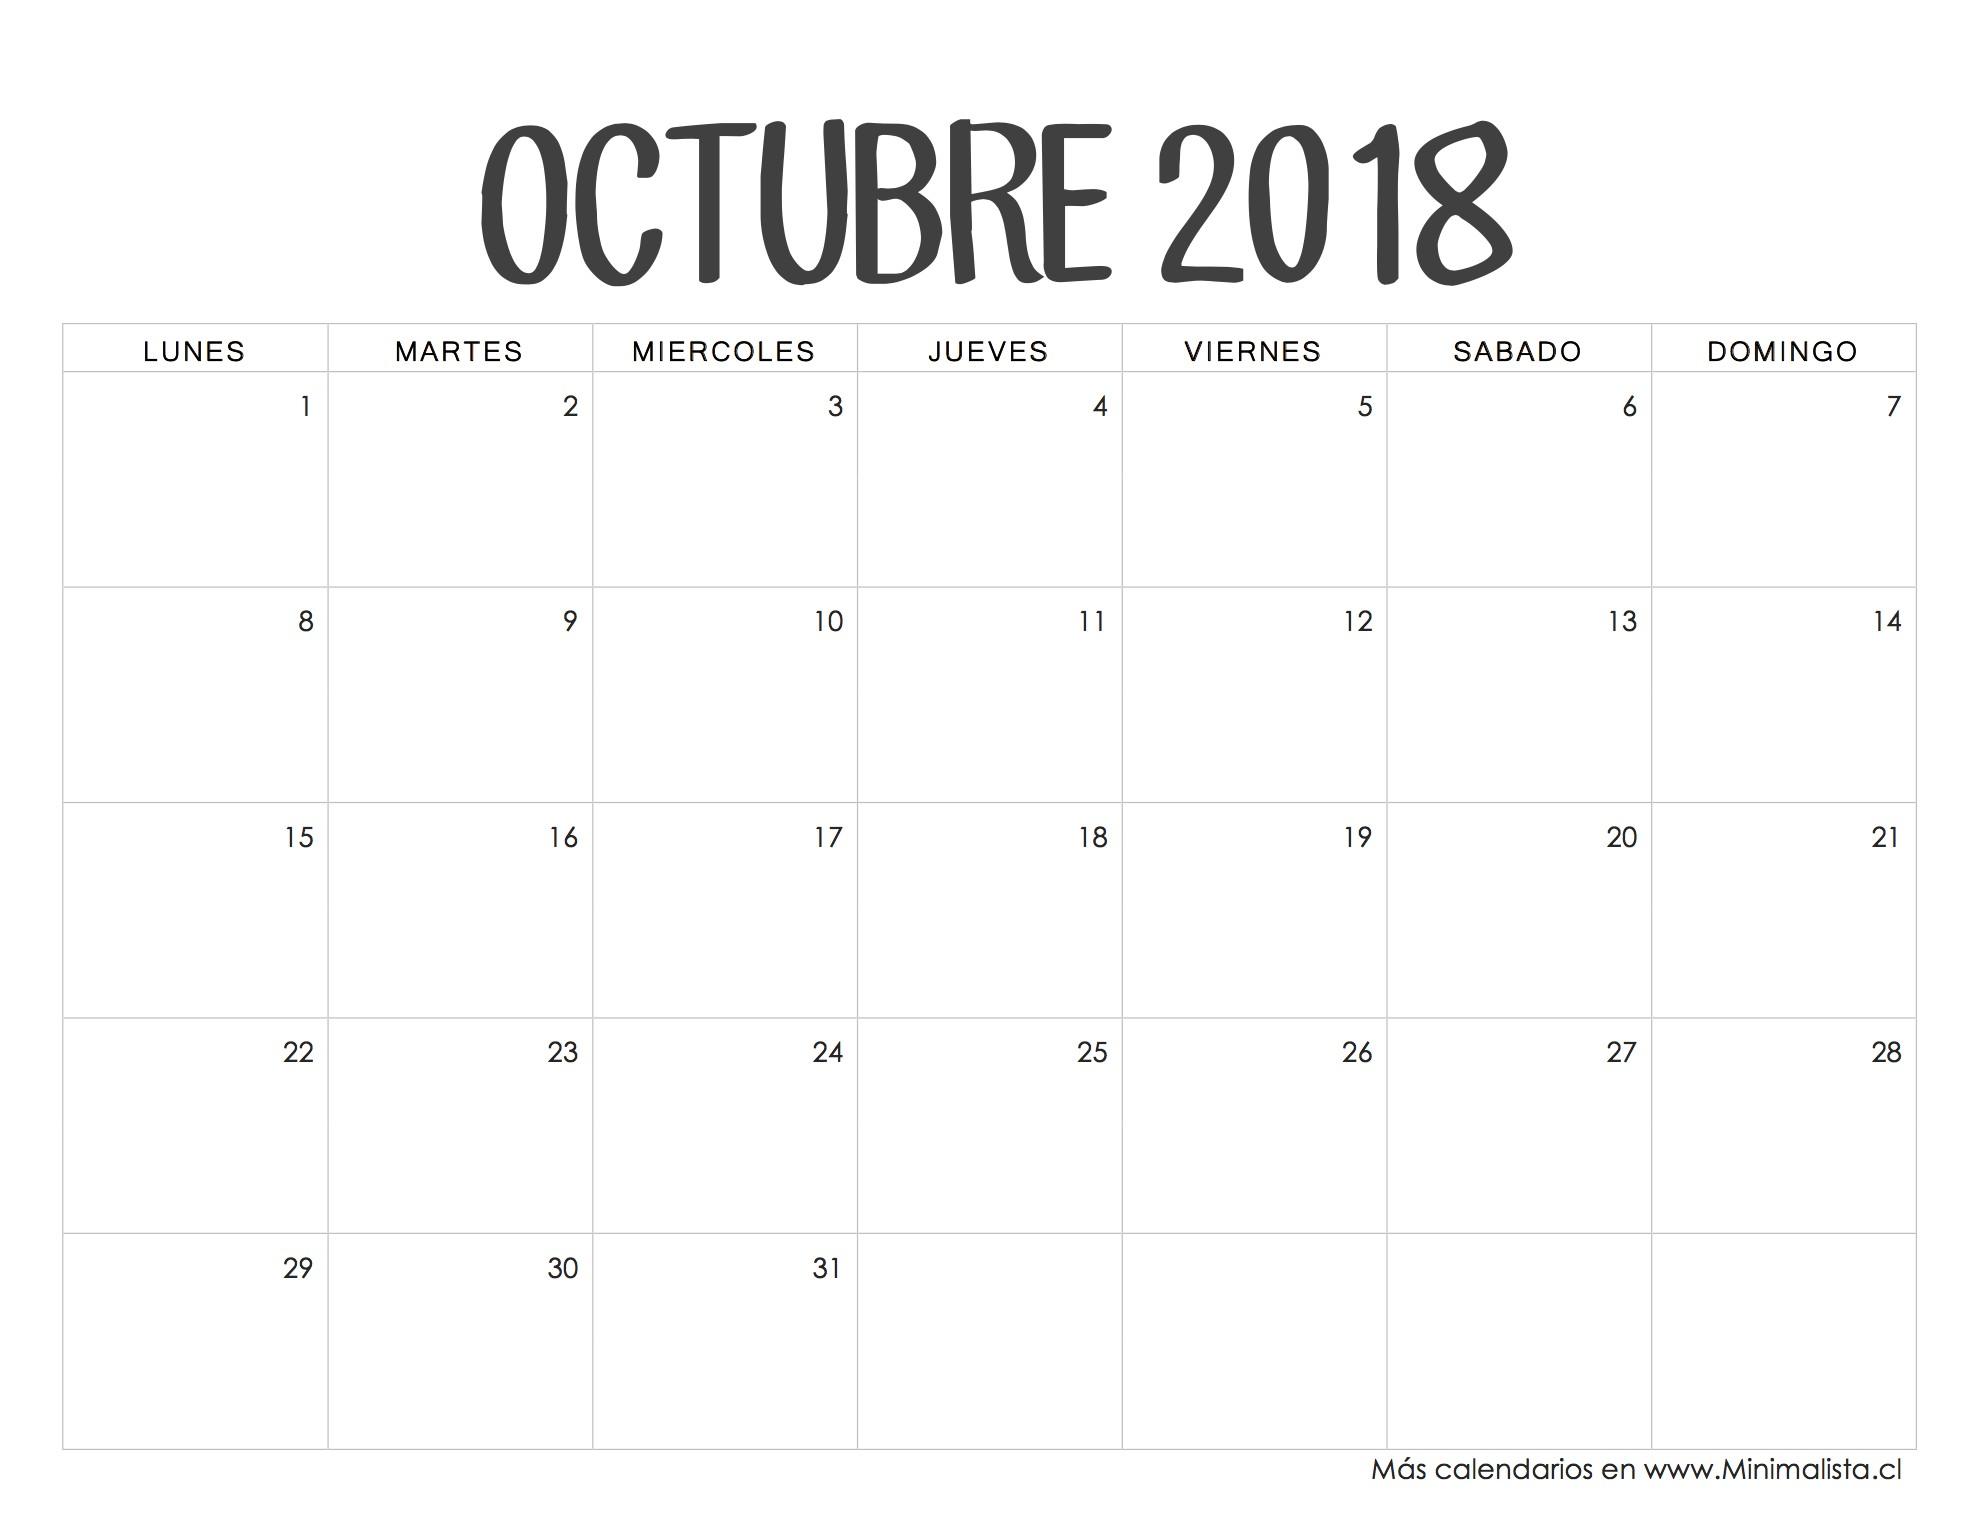 Calendario Imprimir 2017 Agosto Recientes Calendario Octubre 2018 organizarme Pinterest